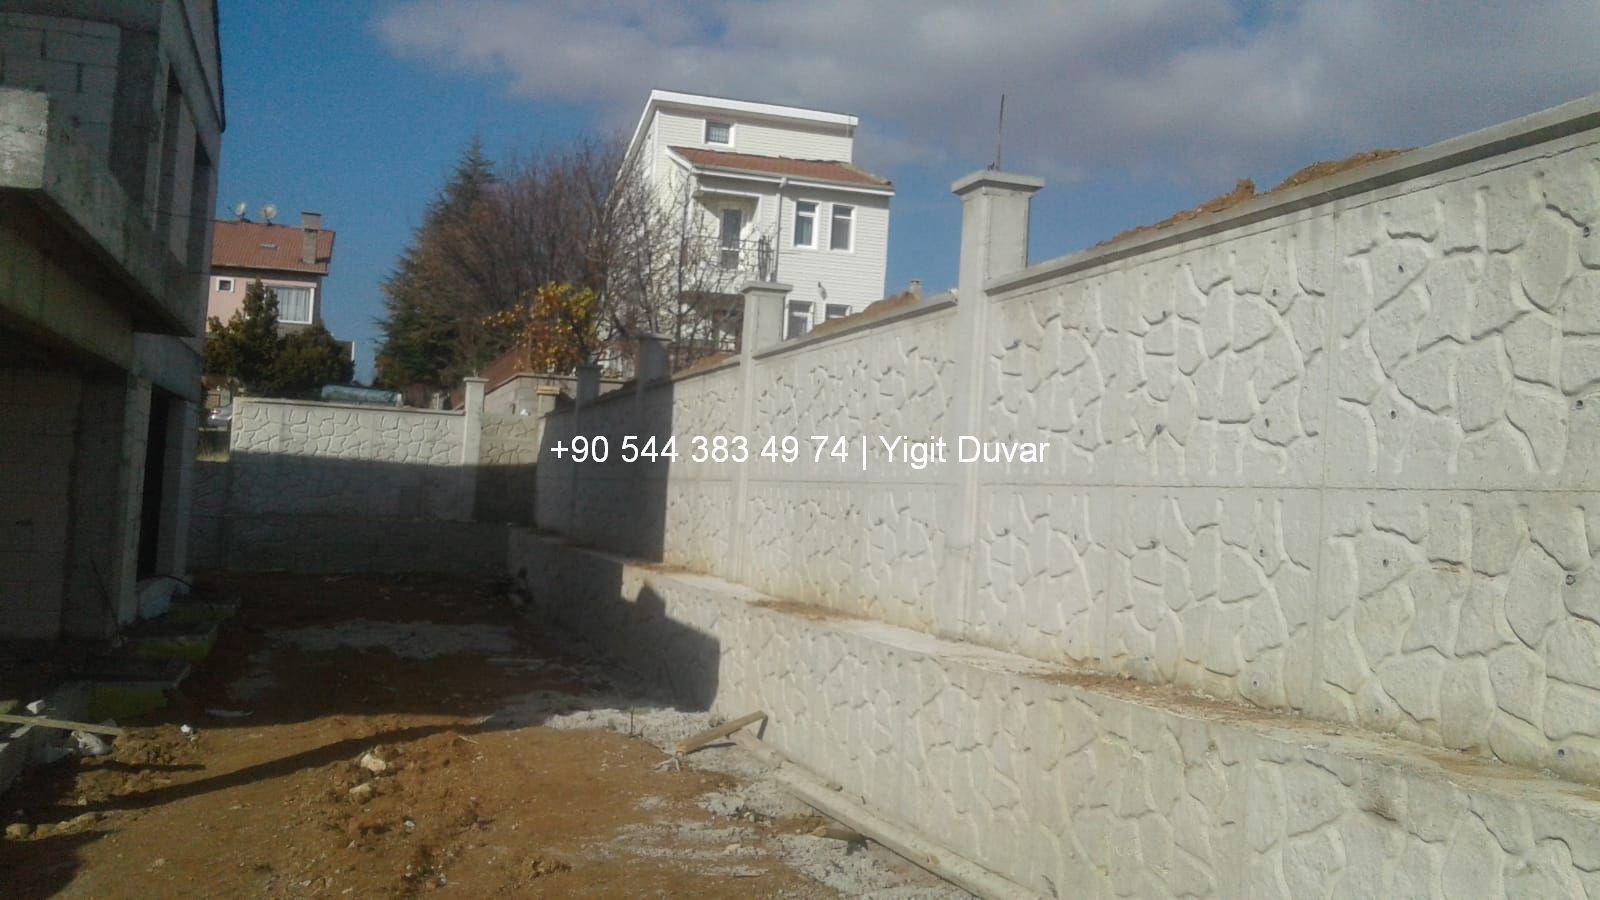 duvar-ustasi-yigit-duvar101